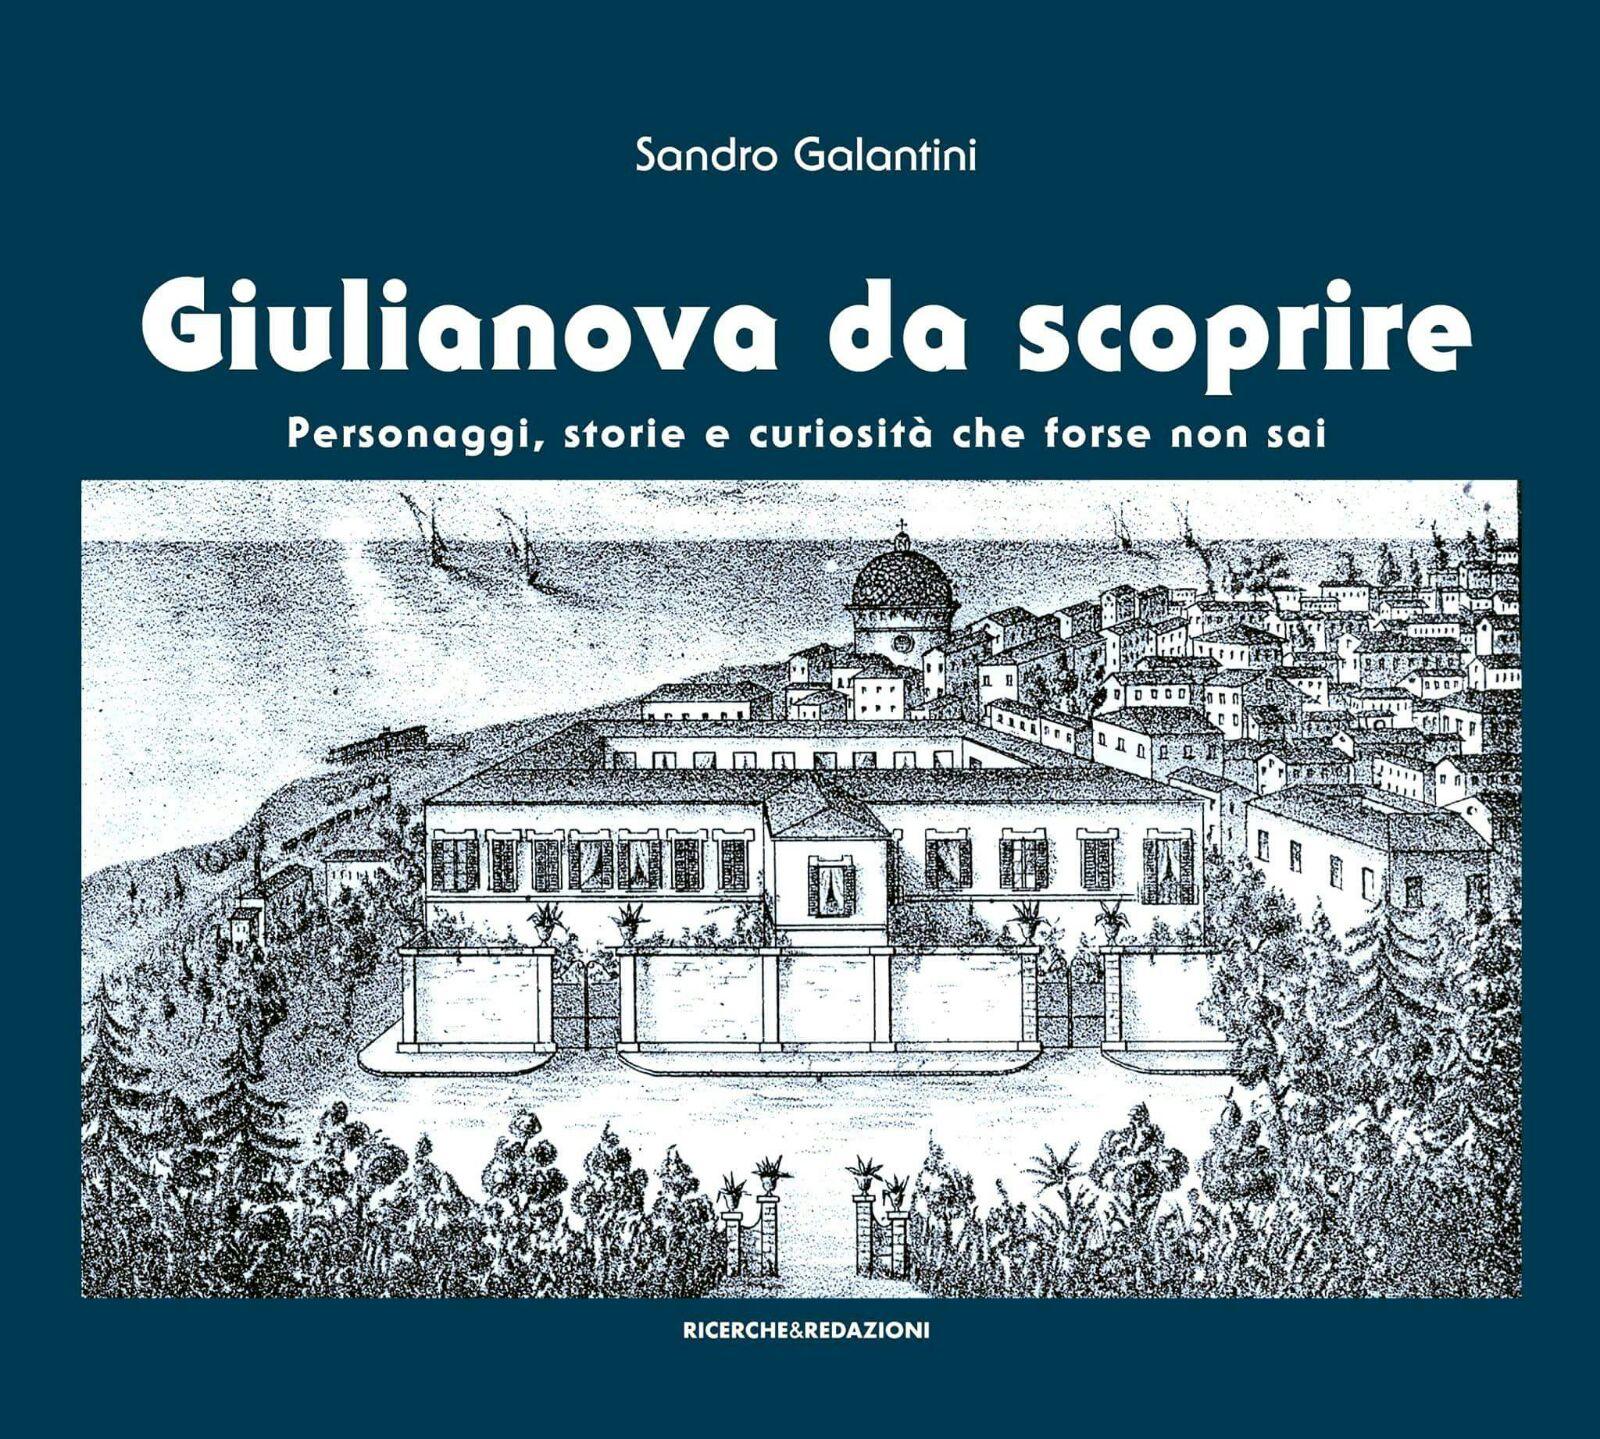 Editoria. 6 maggio Kursaal di Giulianova: presentazione del nuovo libro di Sandro Galantini